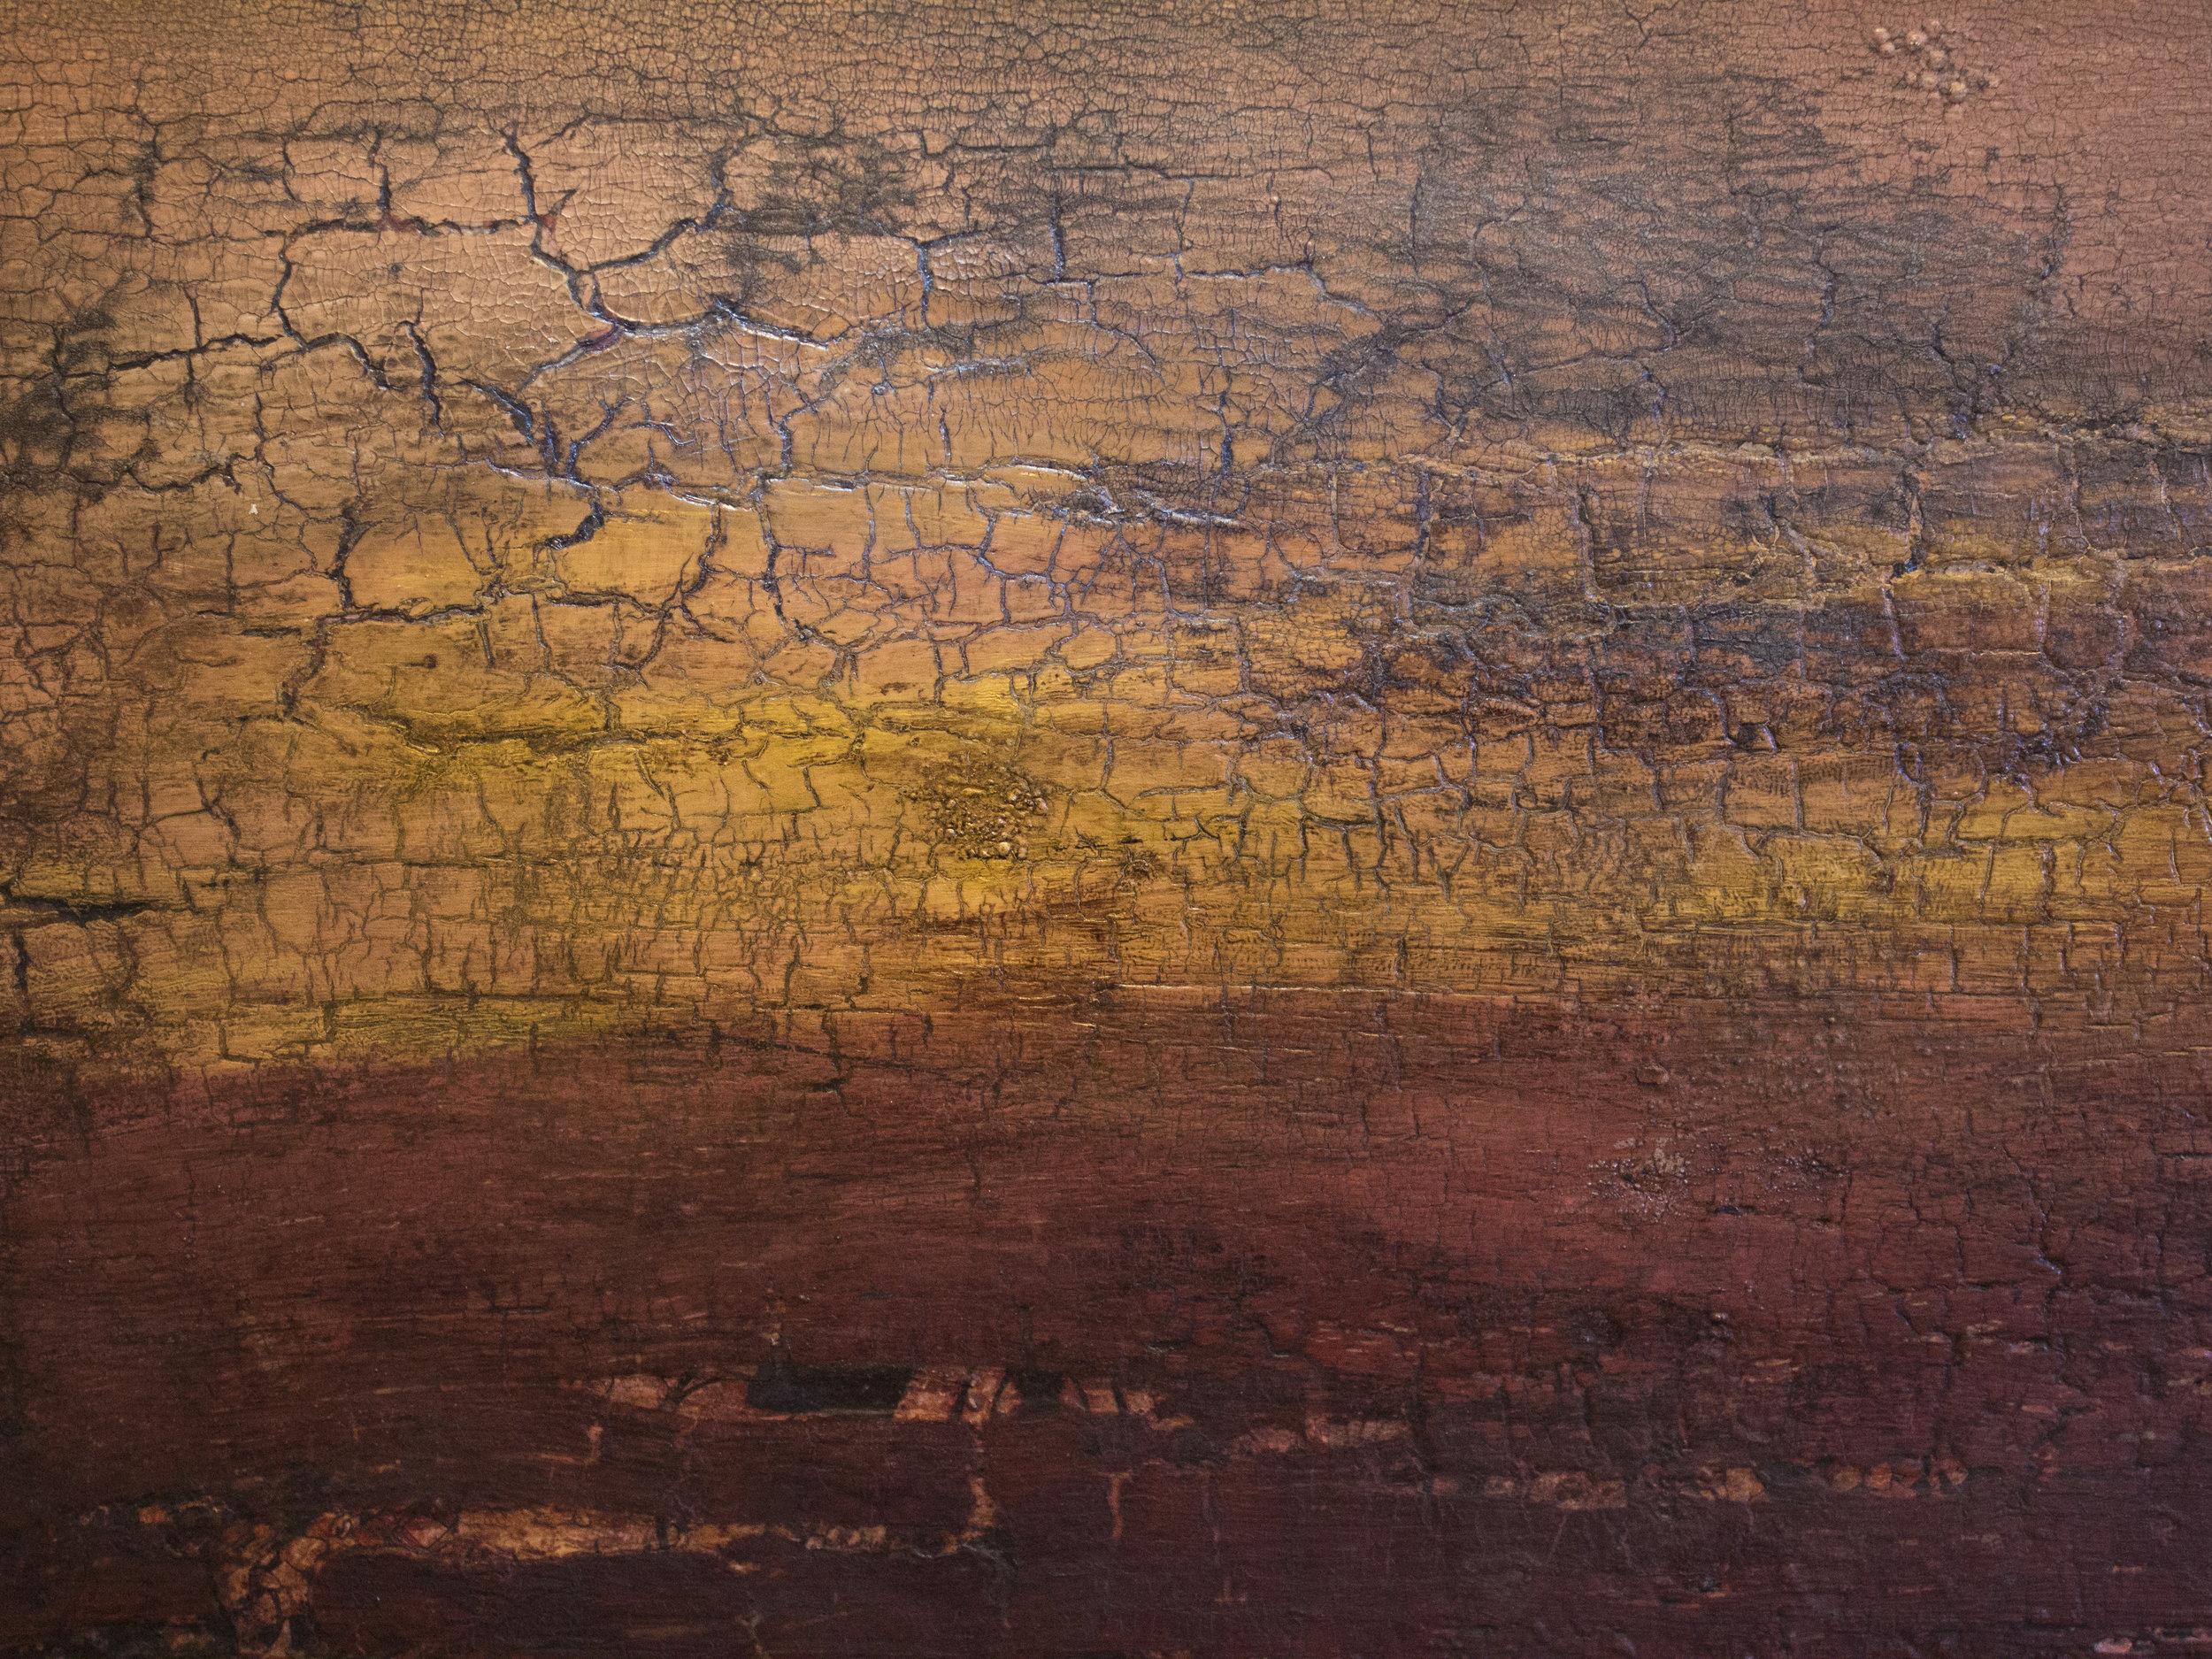 Landscape Beneath my Skin (detail)